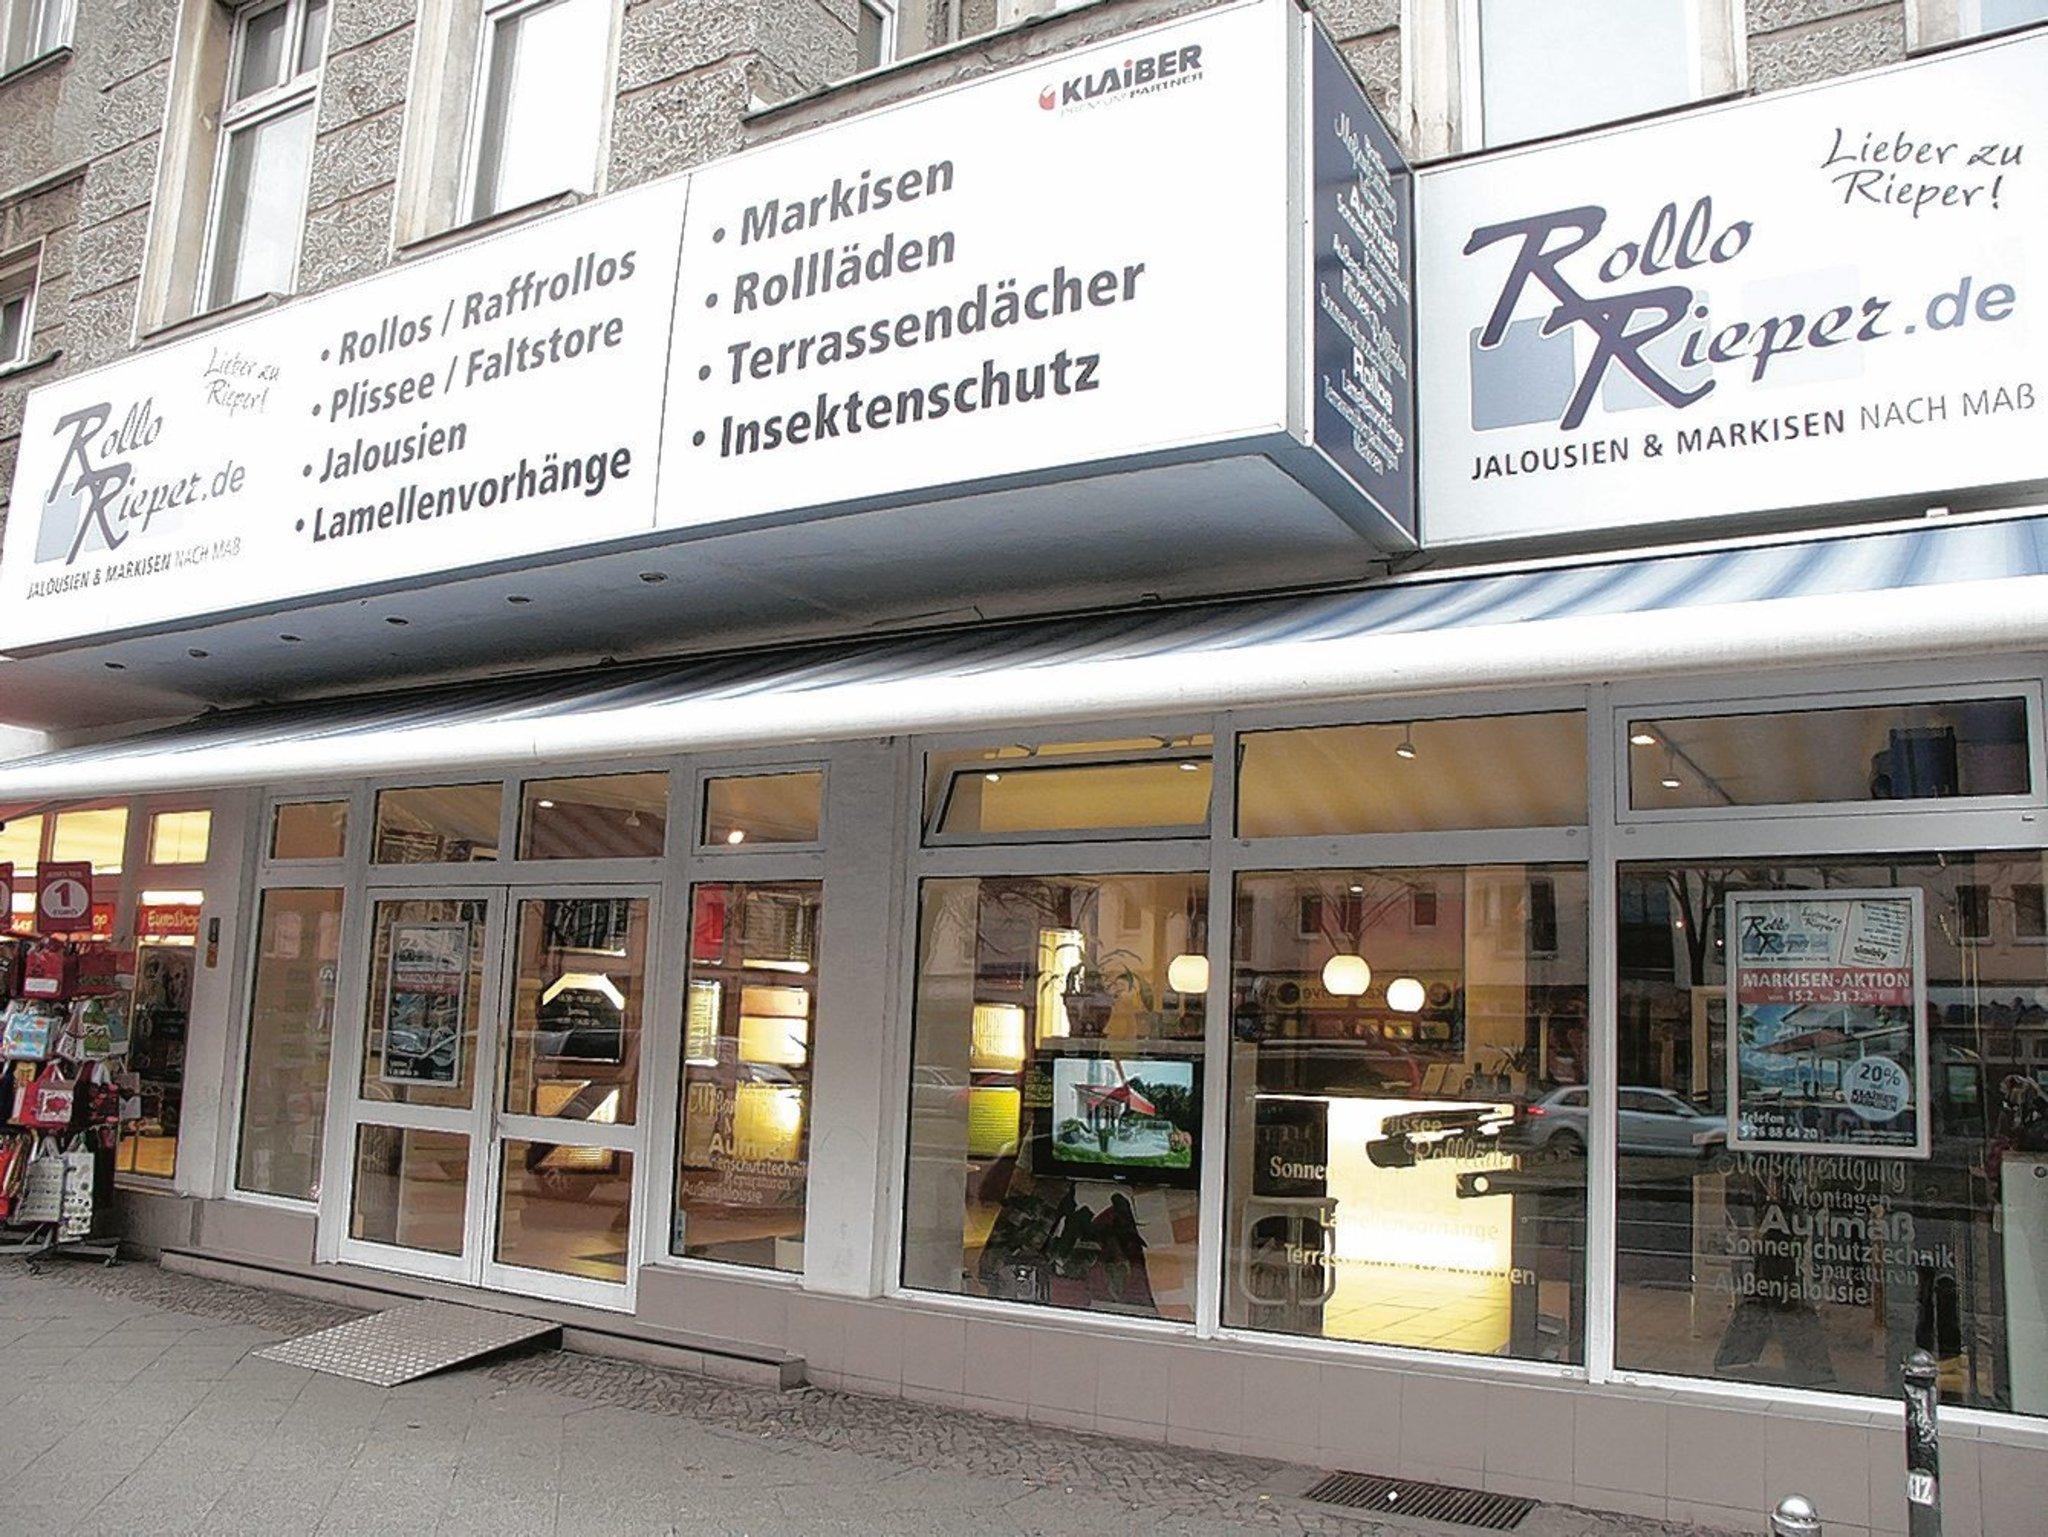 zwei jahre rollo in berlin friedrichshain. Black Bedroom Furniture Sets. Home Design Ideas